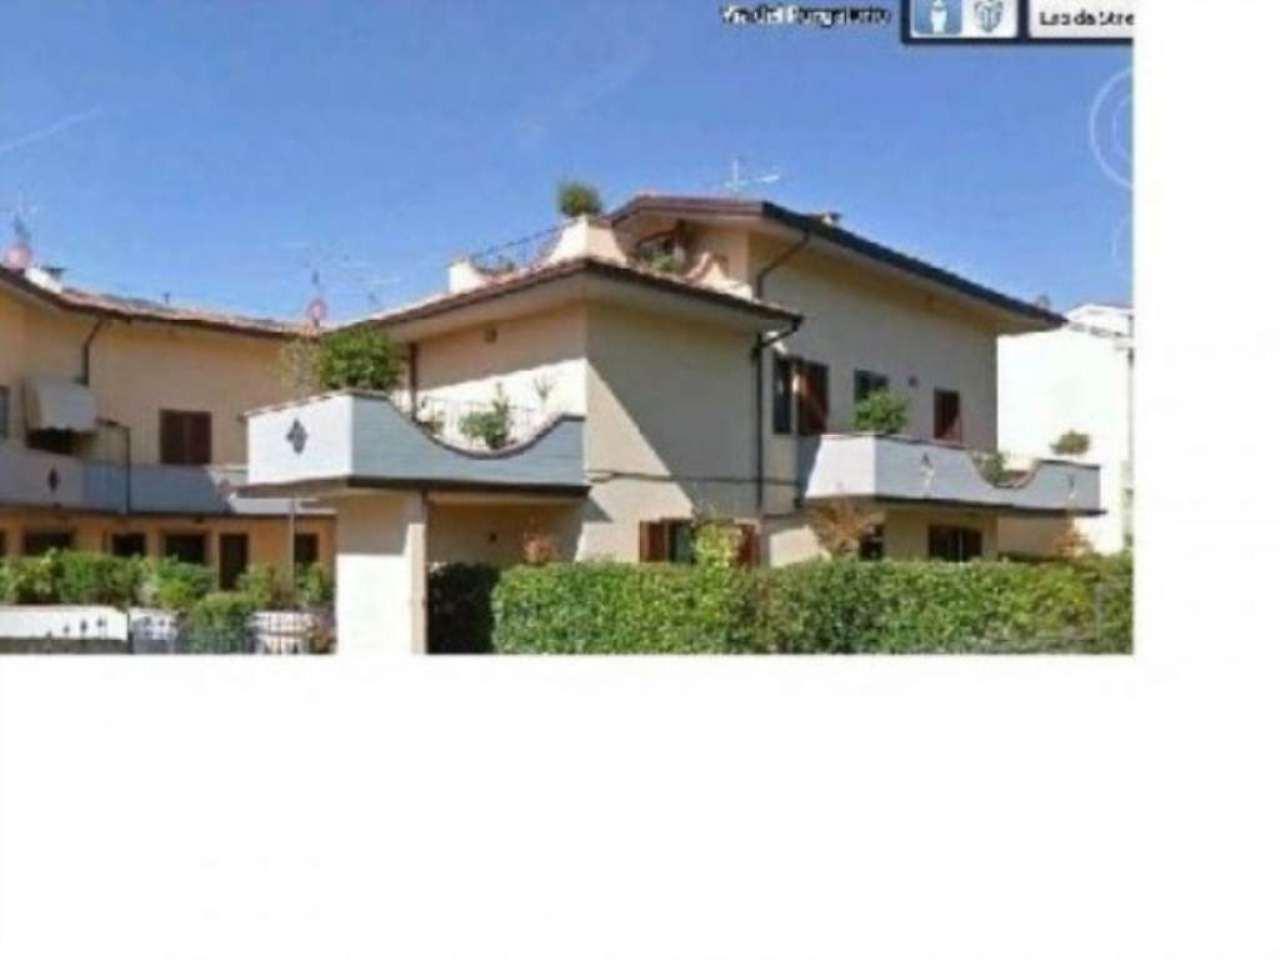 Villa in vendita a Prato, 6 locali, prezzo € 550.000 | Cambio Casa.it